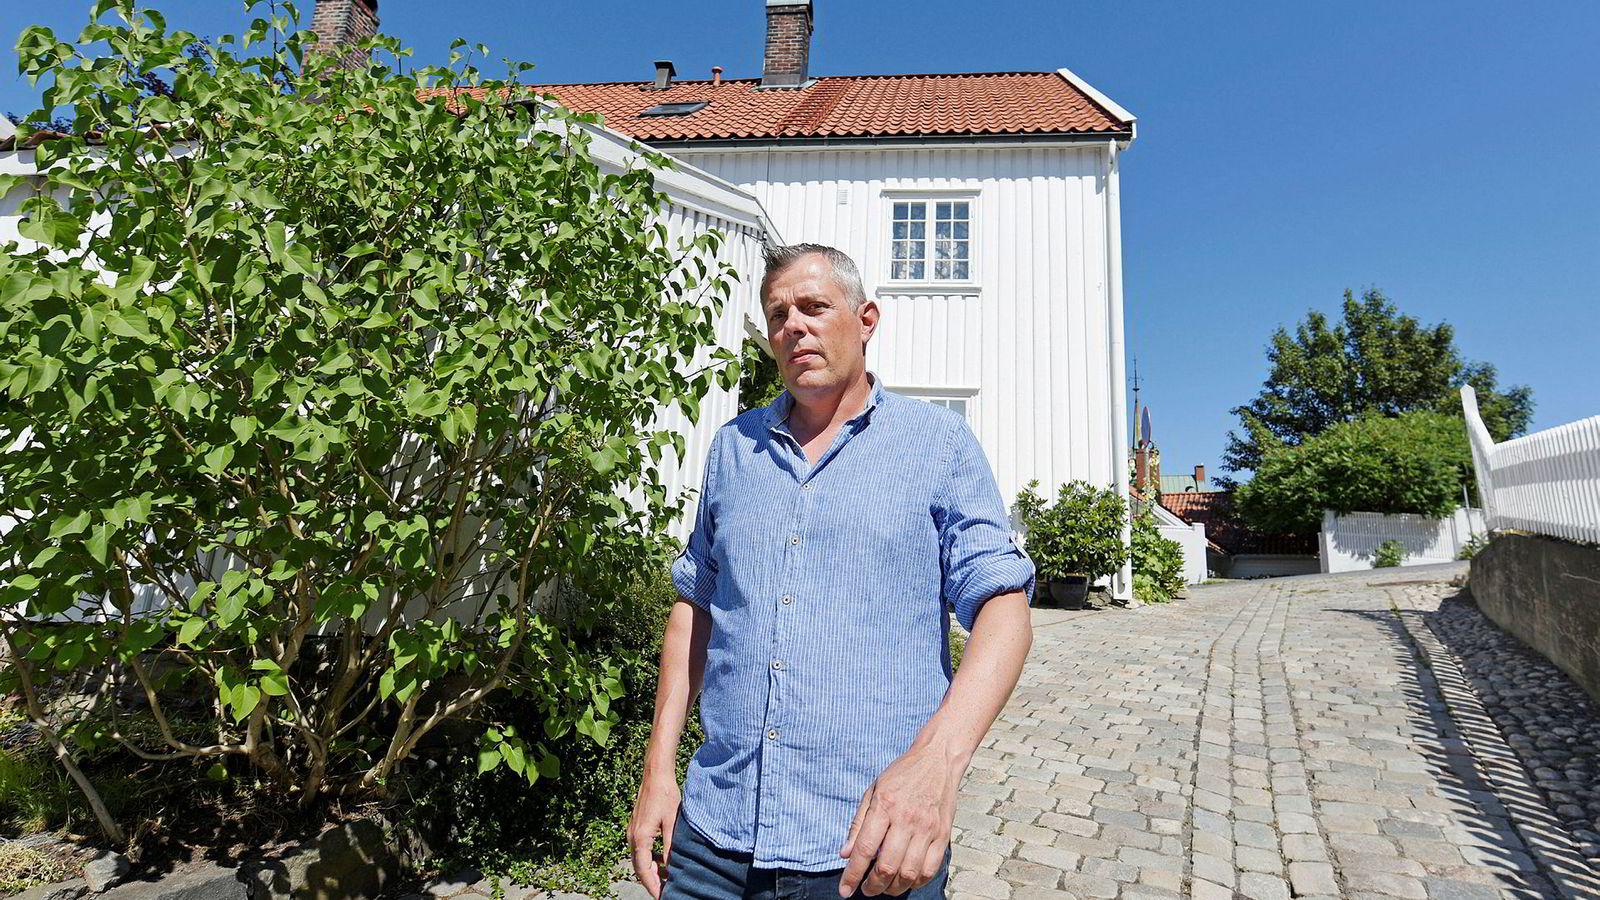 – De sa det så lyst ut for søknaden med hensyn til støtte. Det føltes godt, vi var jo ikke klar over at vi hadde en så god søknad, sier Tor Laukvik, daglig leder i helseteknologiselskapet Bliksund, om møtet med konsulentselskapet Nofas i 2014.